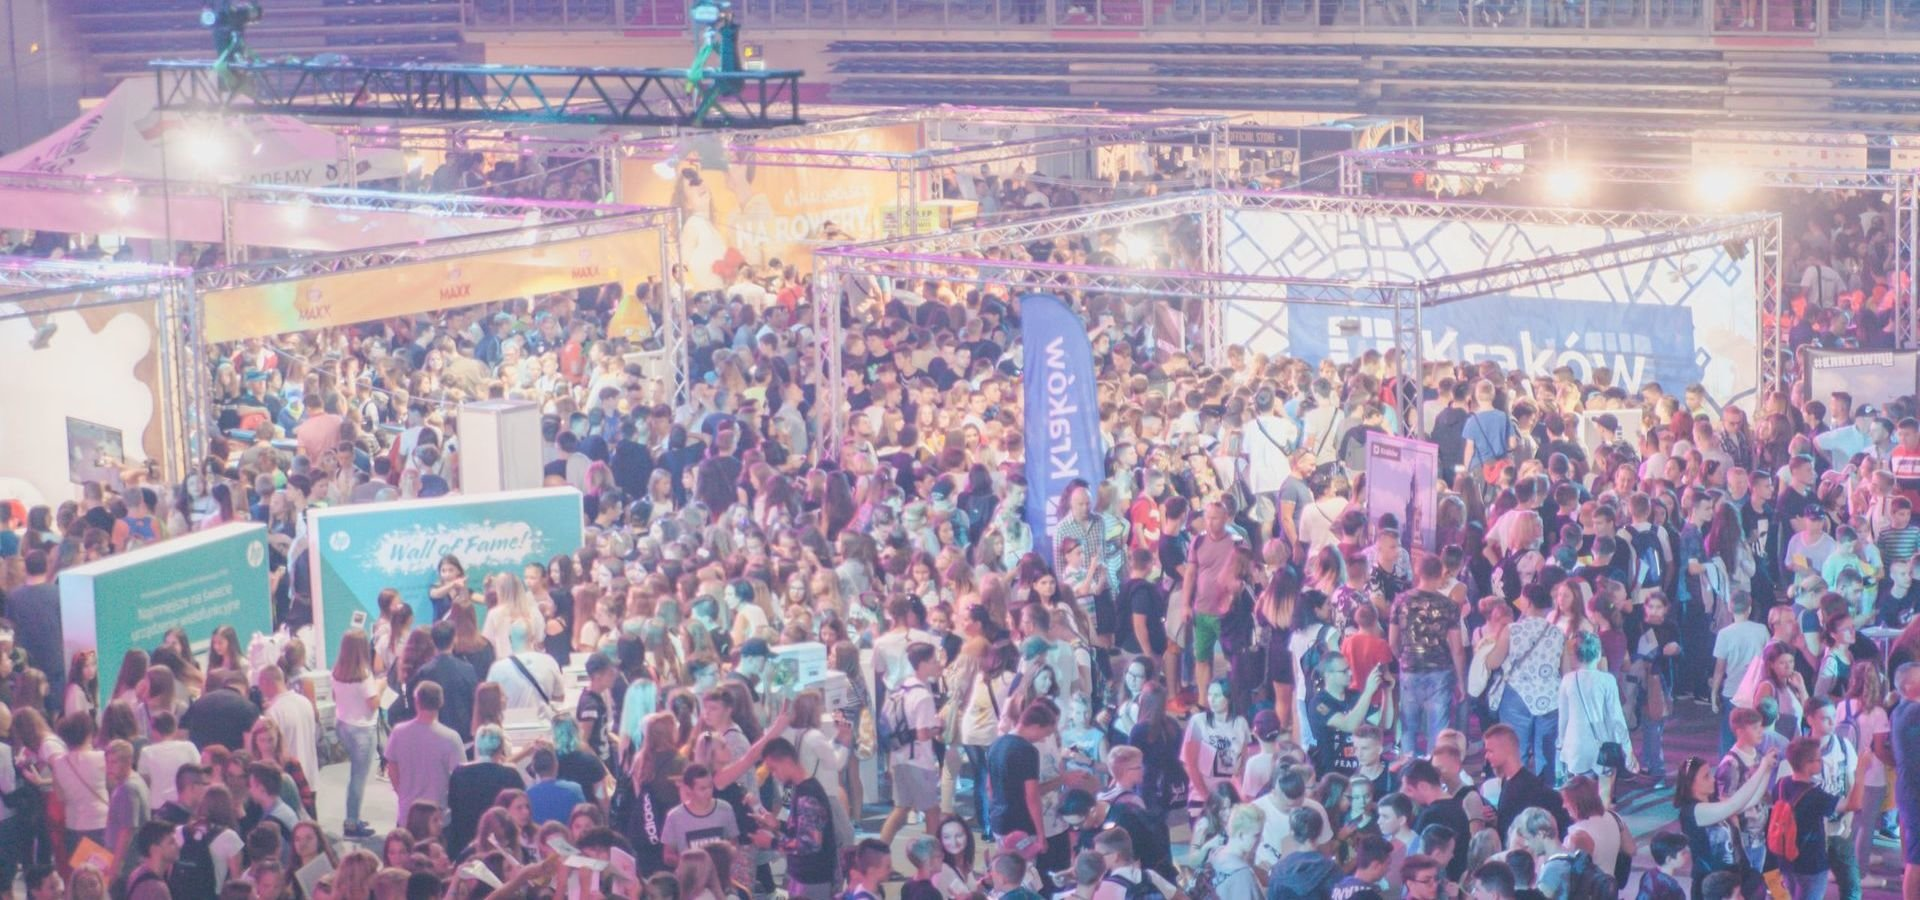 Wielki sukces MeetUp® 2017 w Krakowie